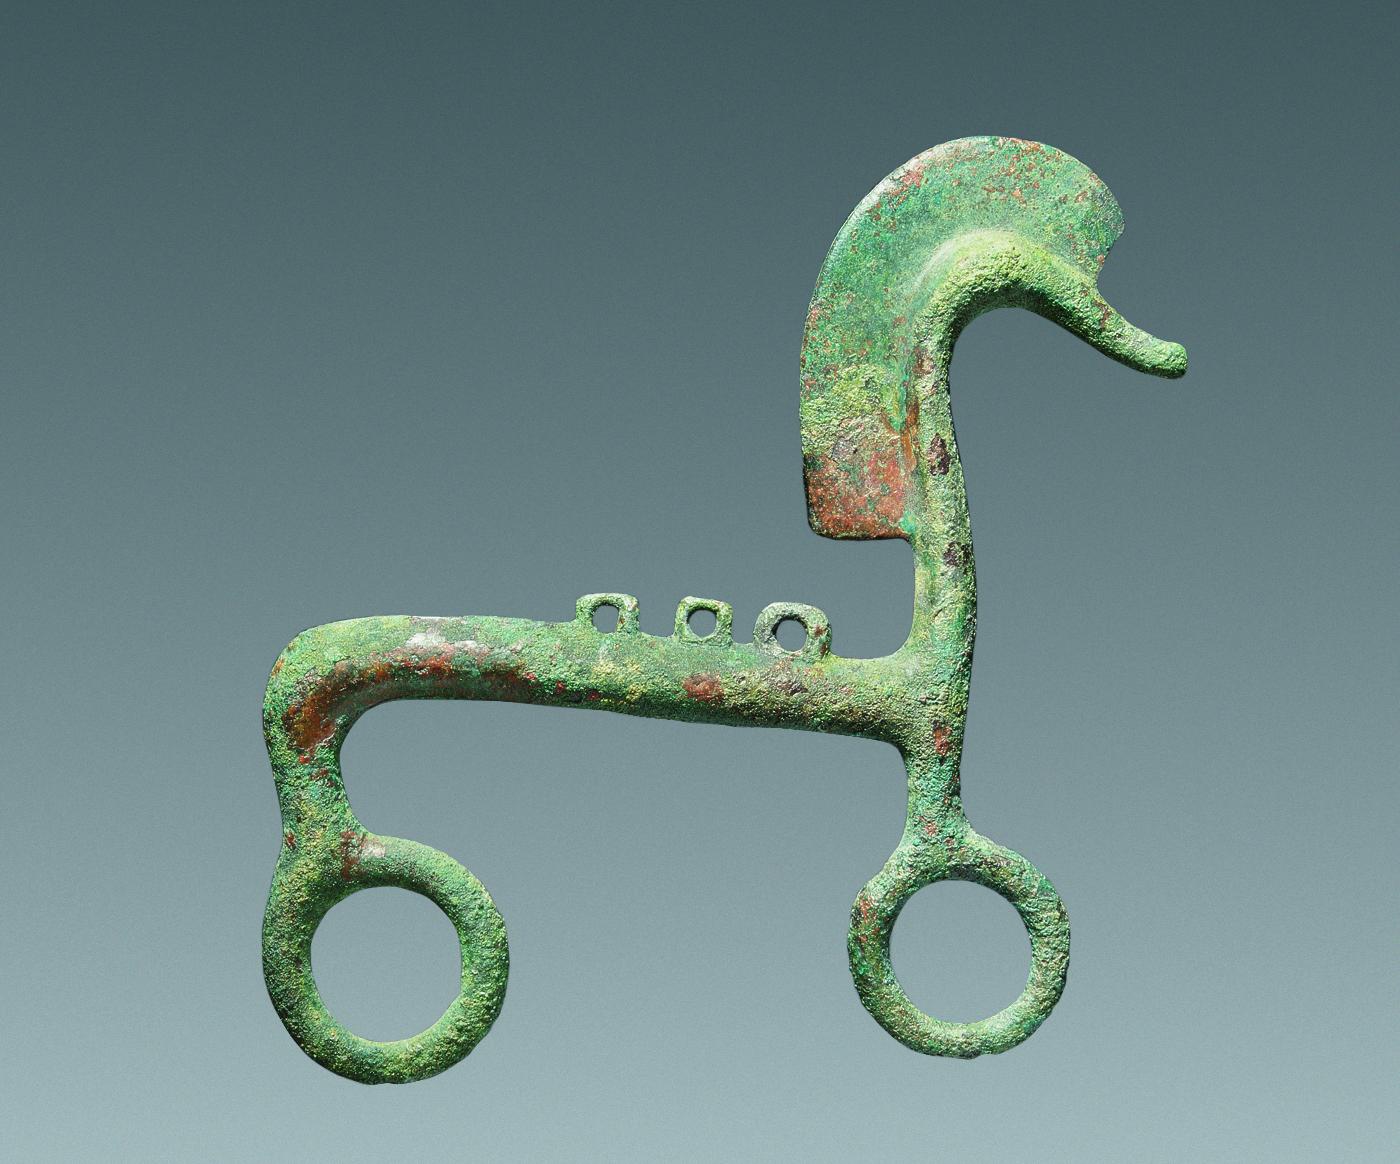 Apuliai ló alakú függődísz, Kr. e. 6. század első fele (Fotó: Mátyus László)